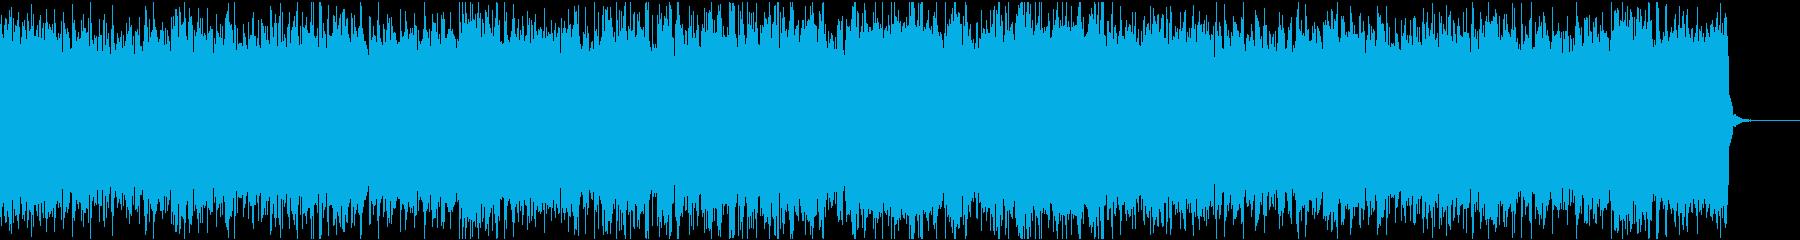 エレキギターを使った疾走感のあるロックの再生済みの波形